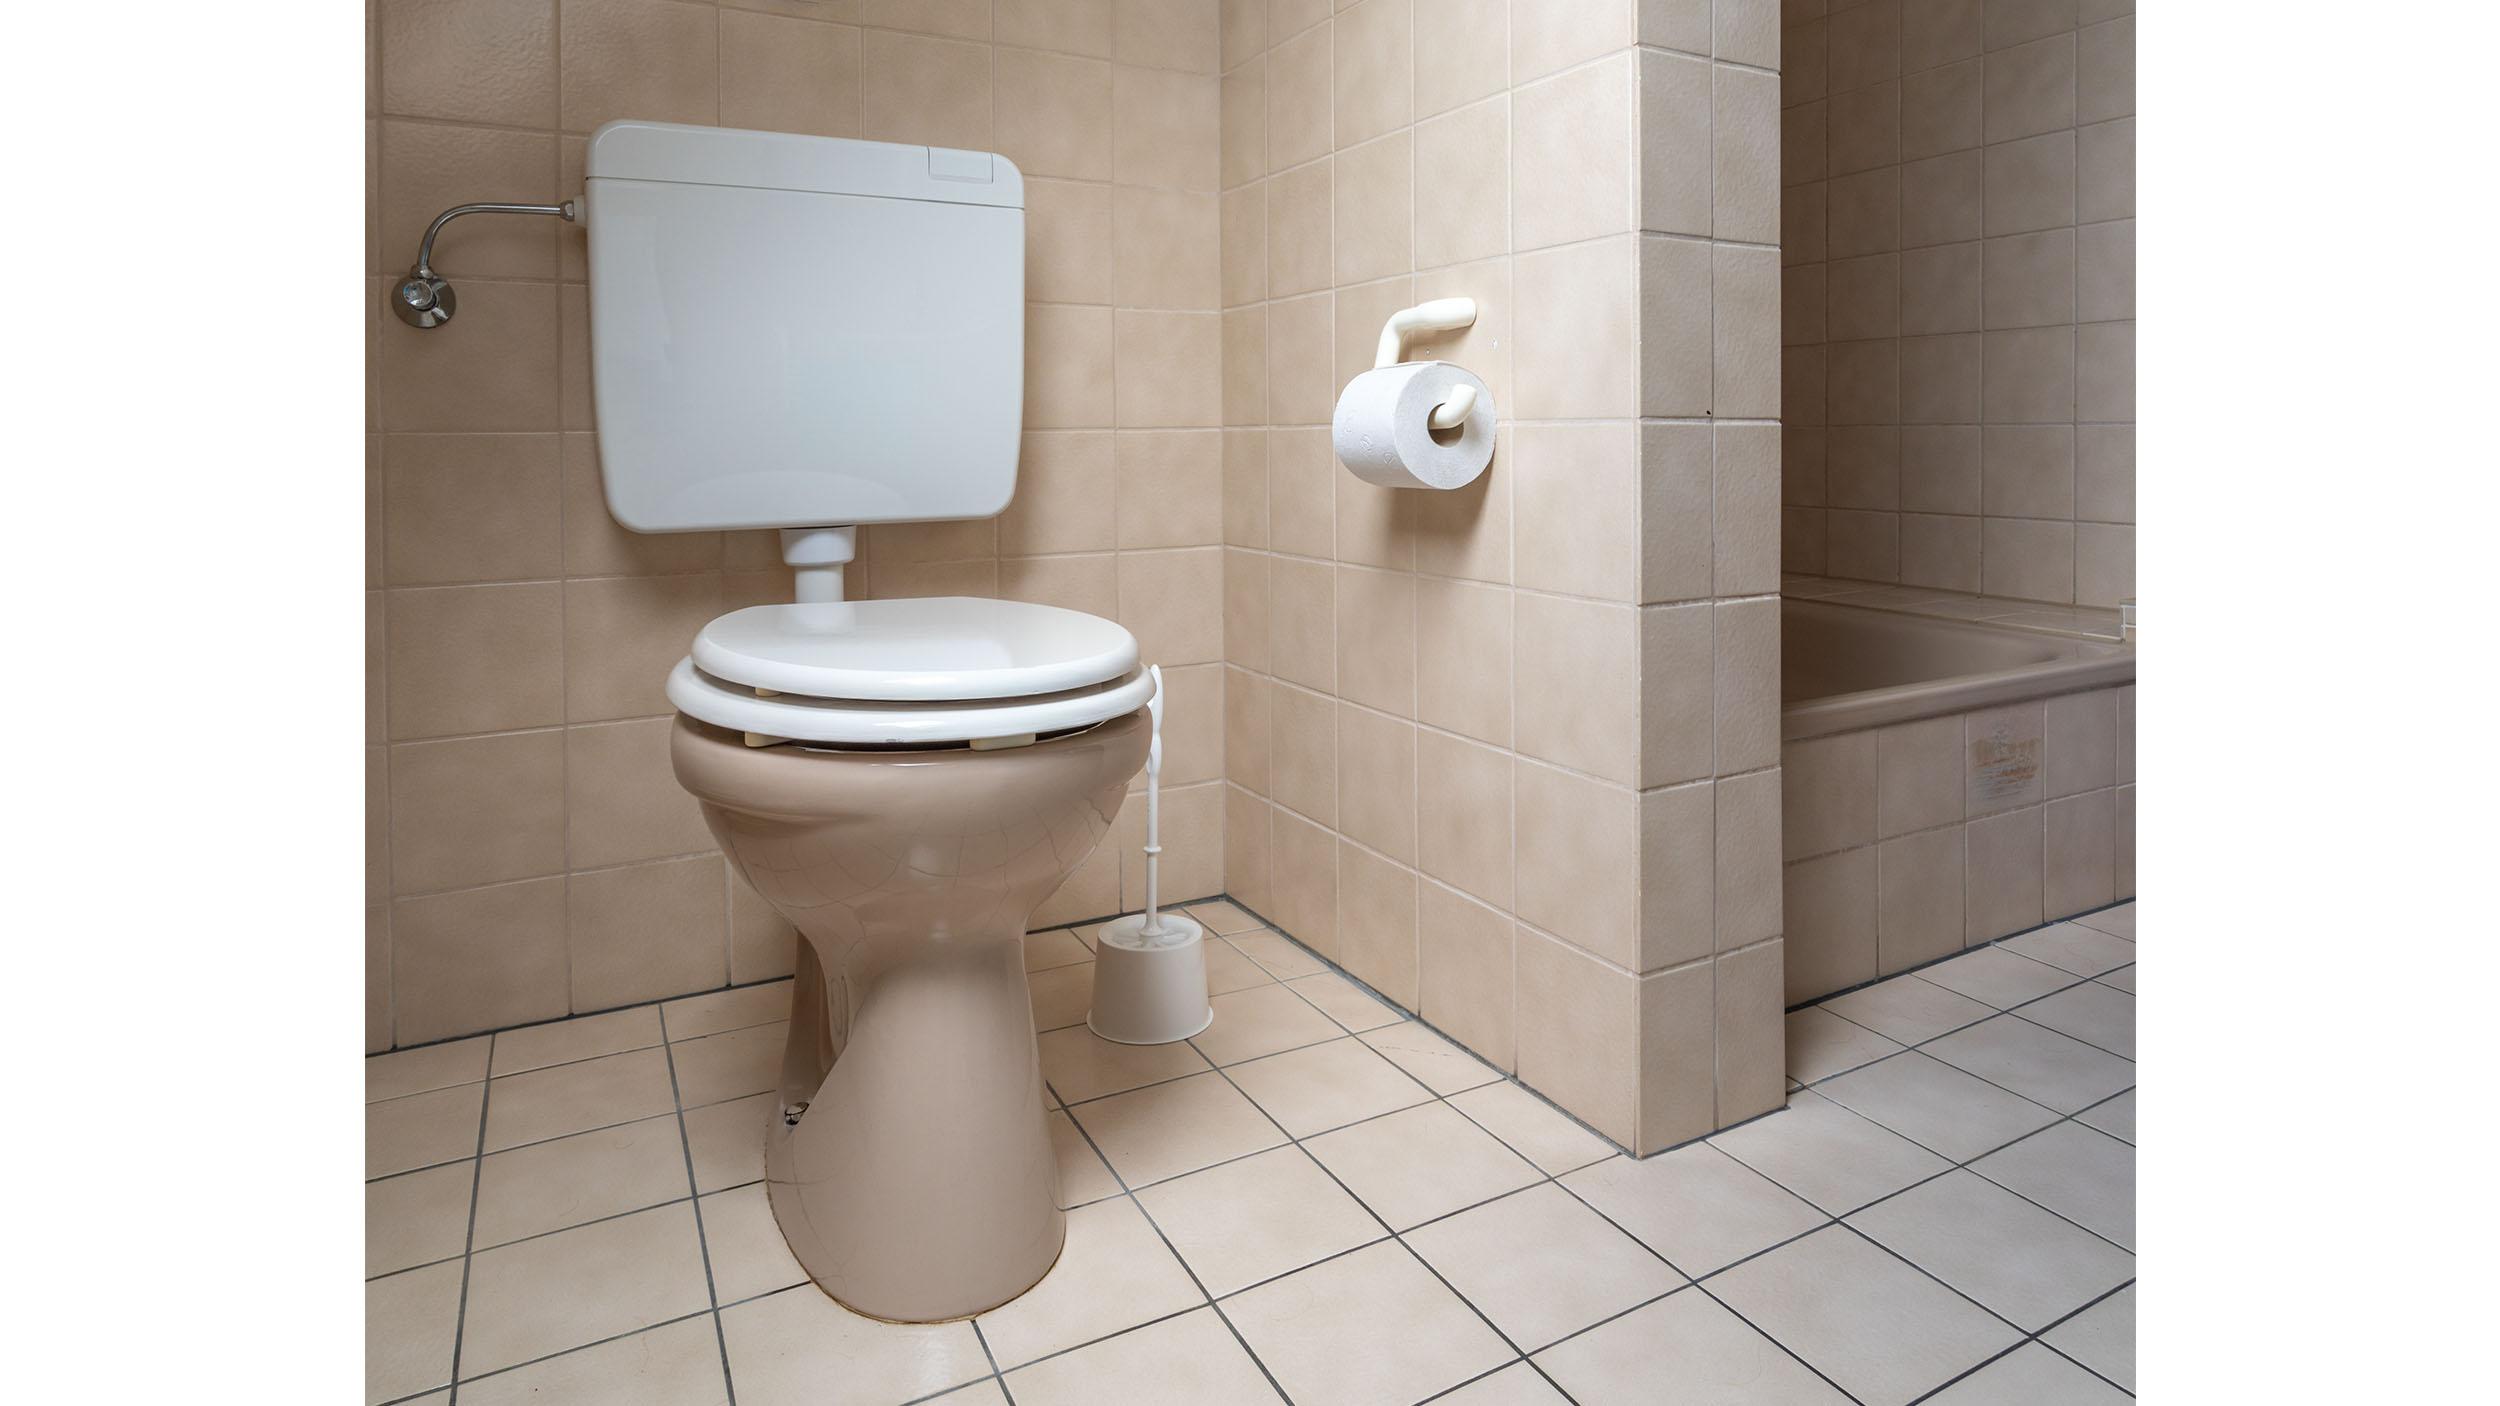 Haus Vogelkiek - Ferienwohnung Silbermöwe - Badezimmer